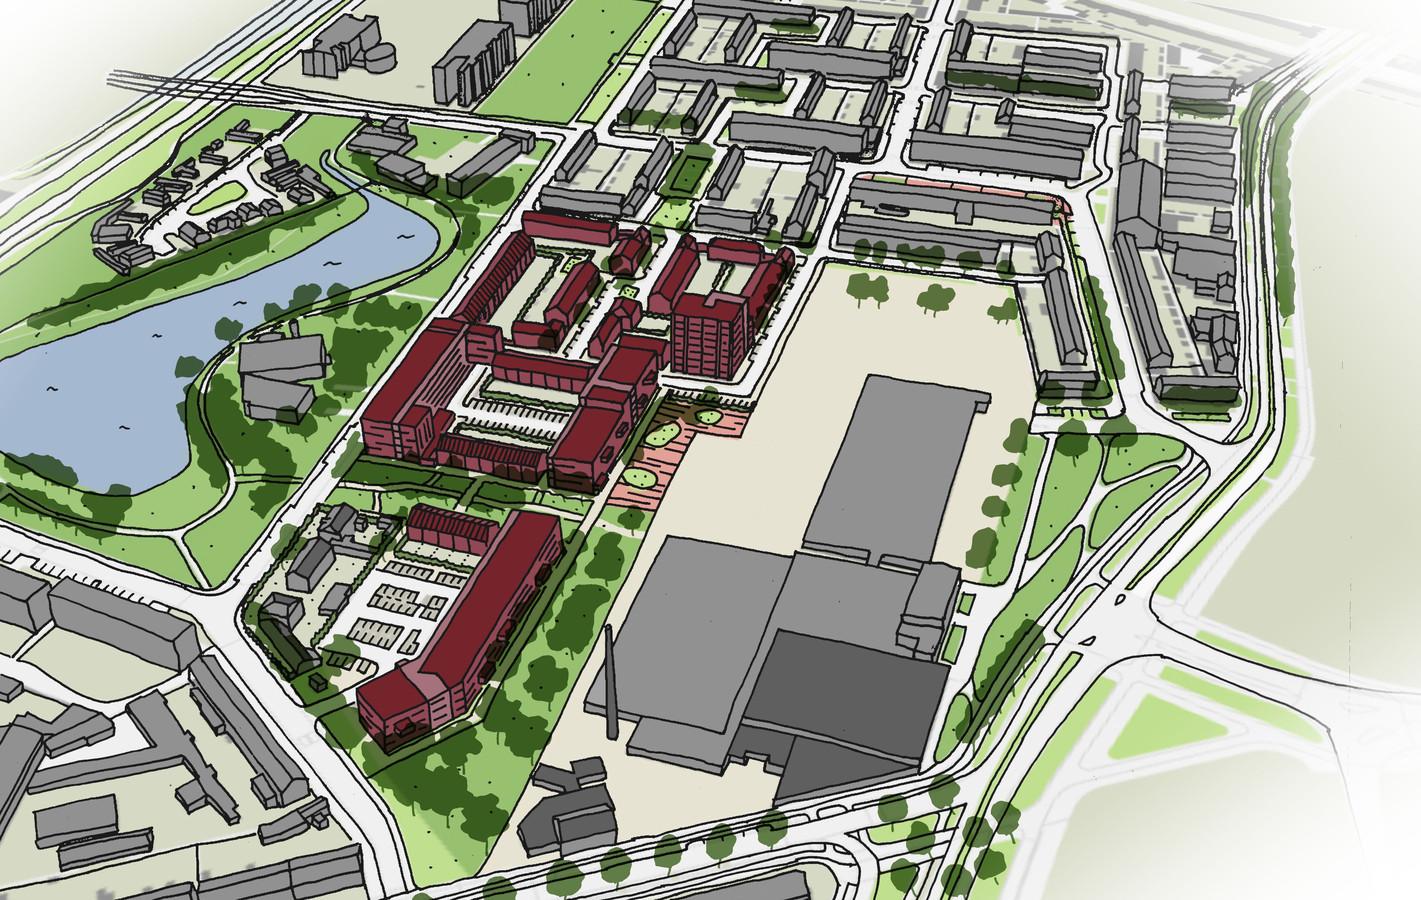 Invulling van het Eureka-woongebied in Breda. In het rood het nieuwe wijkje. Links Linievijver, rechtsonder het complex van de oude Faam-fabriek.